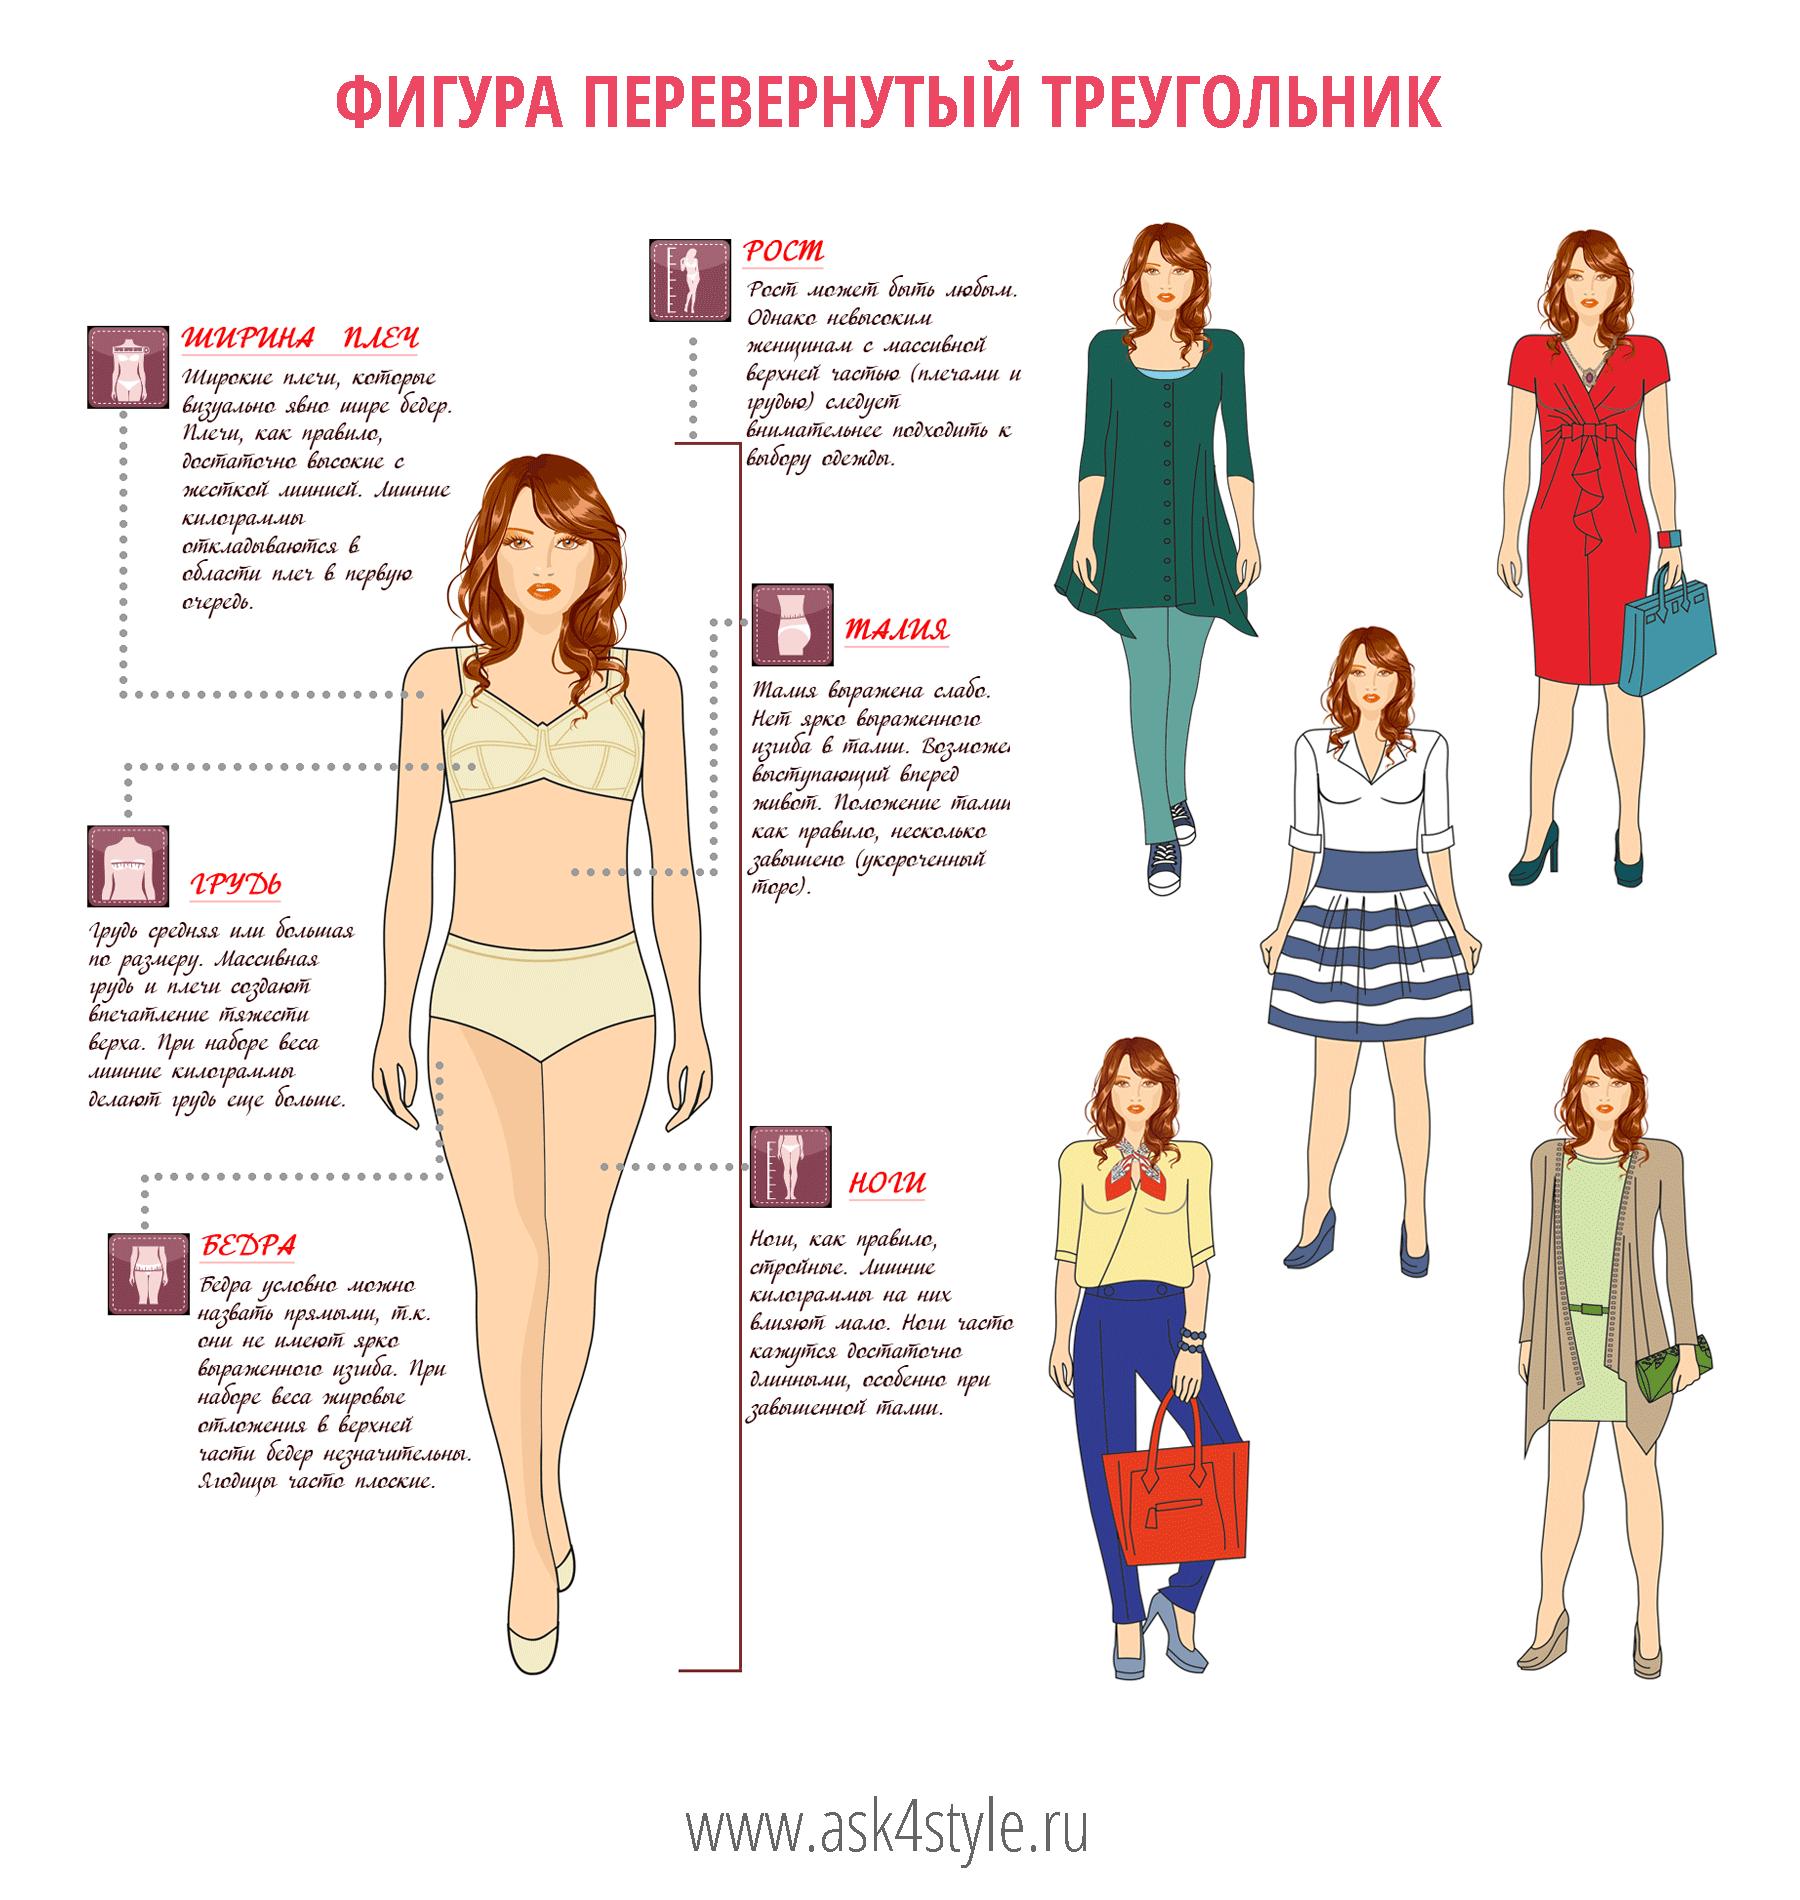 Тест какой у меня стиль одежды с картинками